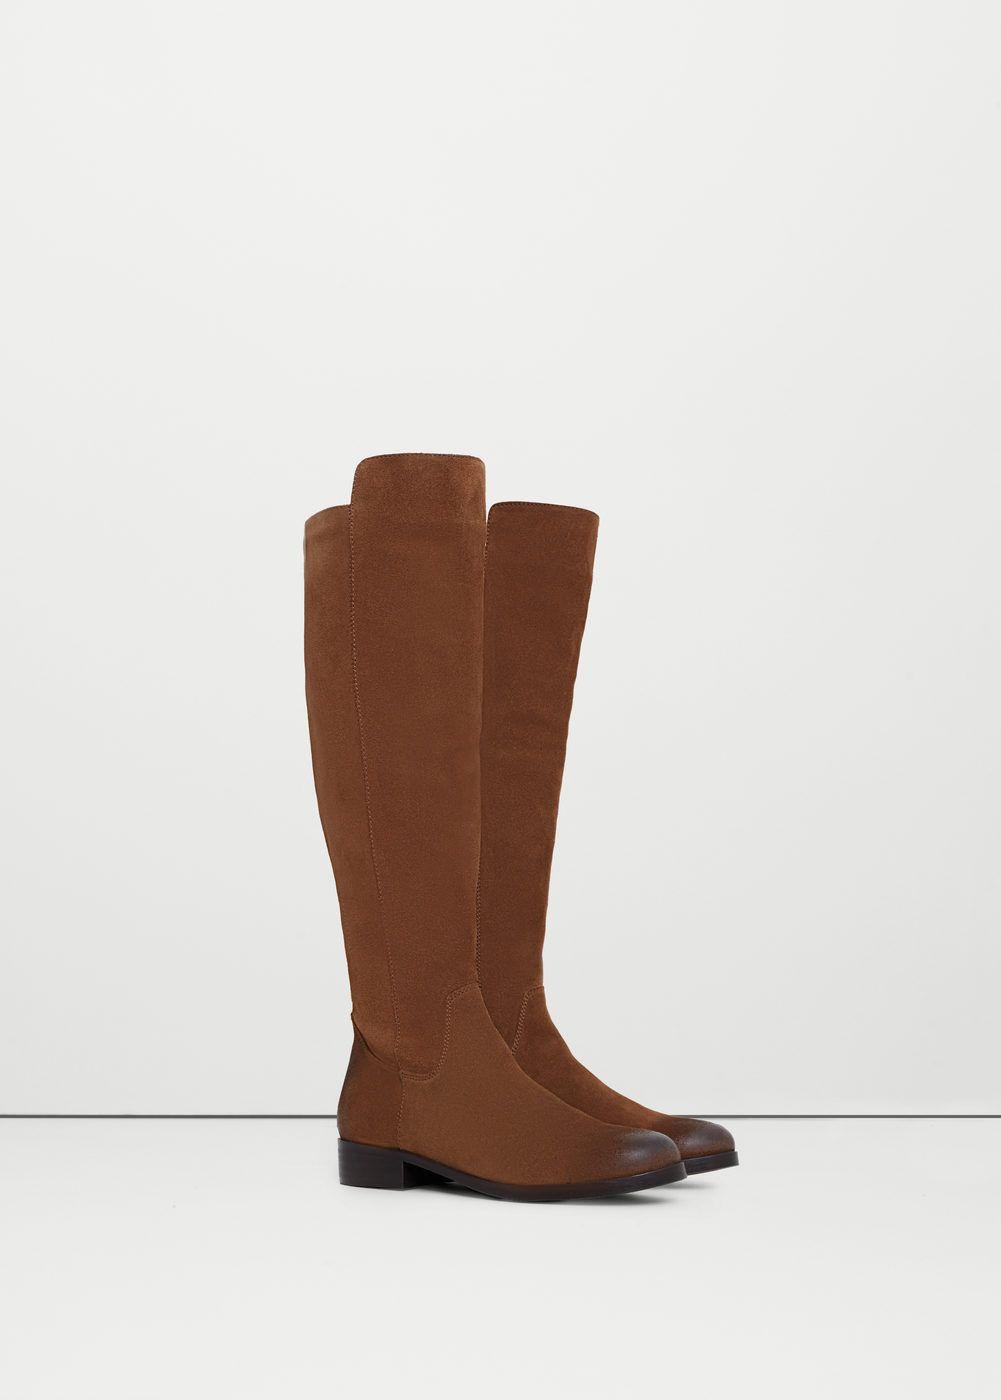 Bota alta pele - Sapatos de Mulher | MANGO Portugal